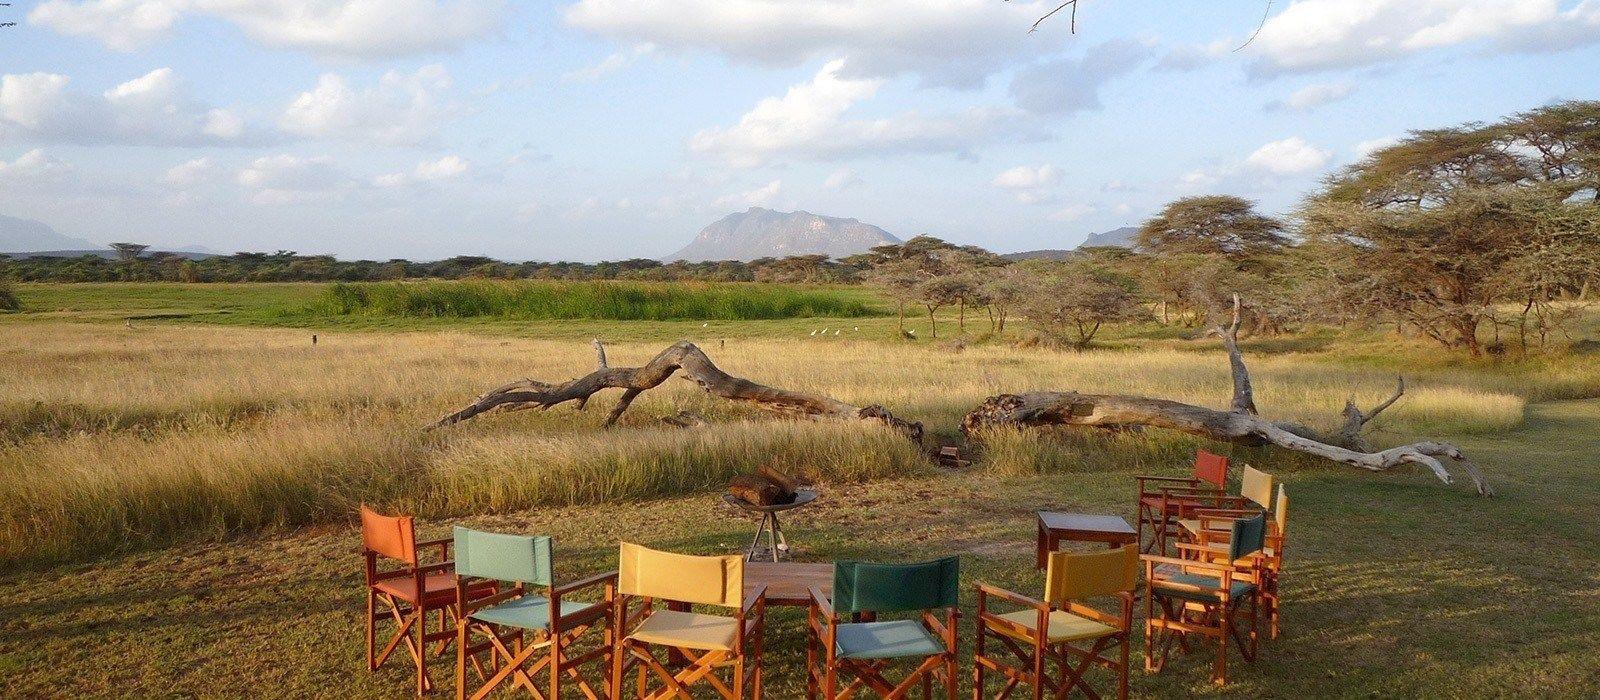 Destination Samburu Kenya